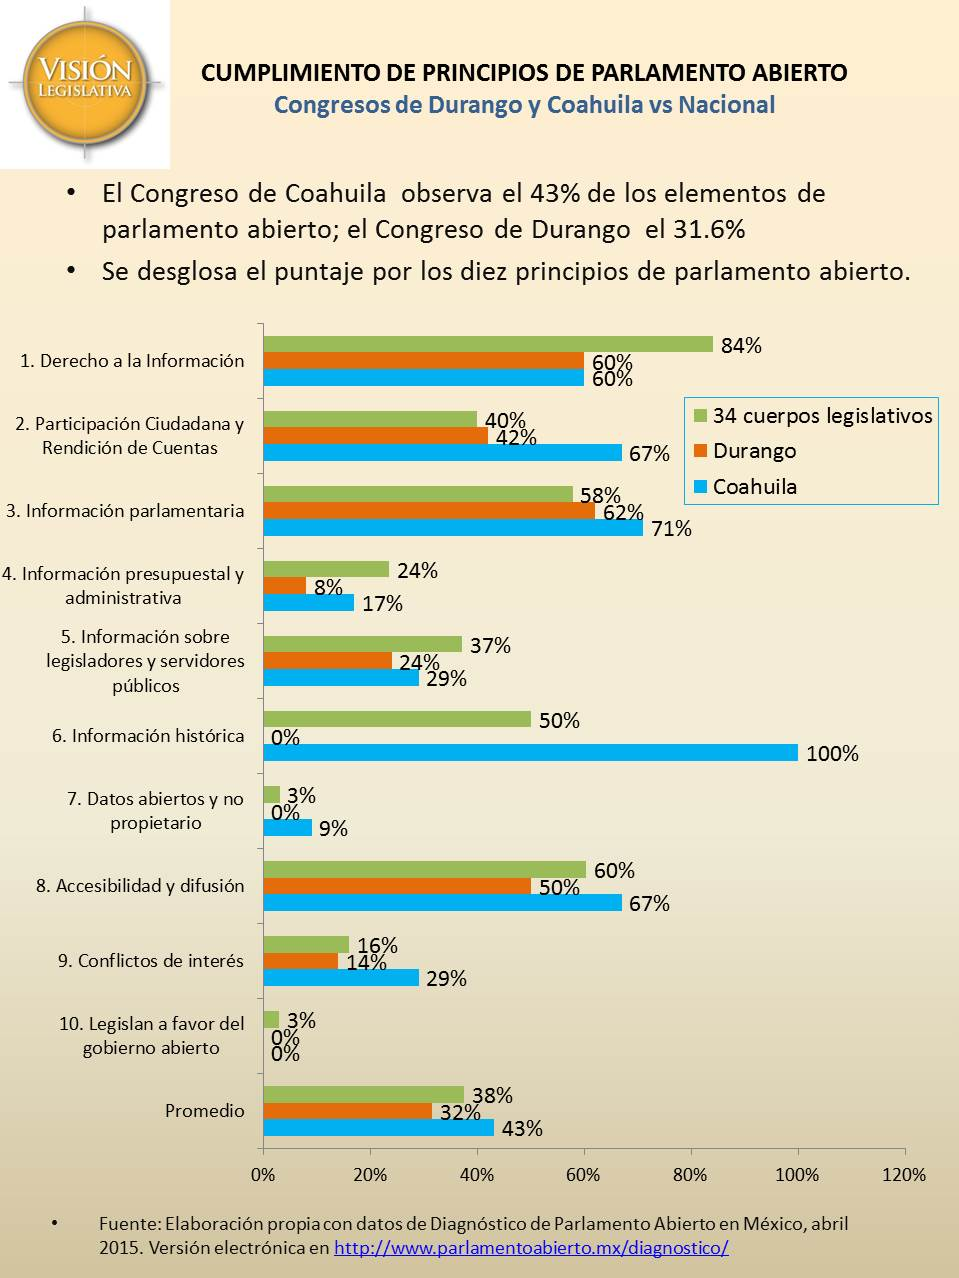 Valoración parlamento abierto Coahuila y Durango vs nal, 3jun16